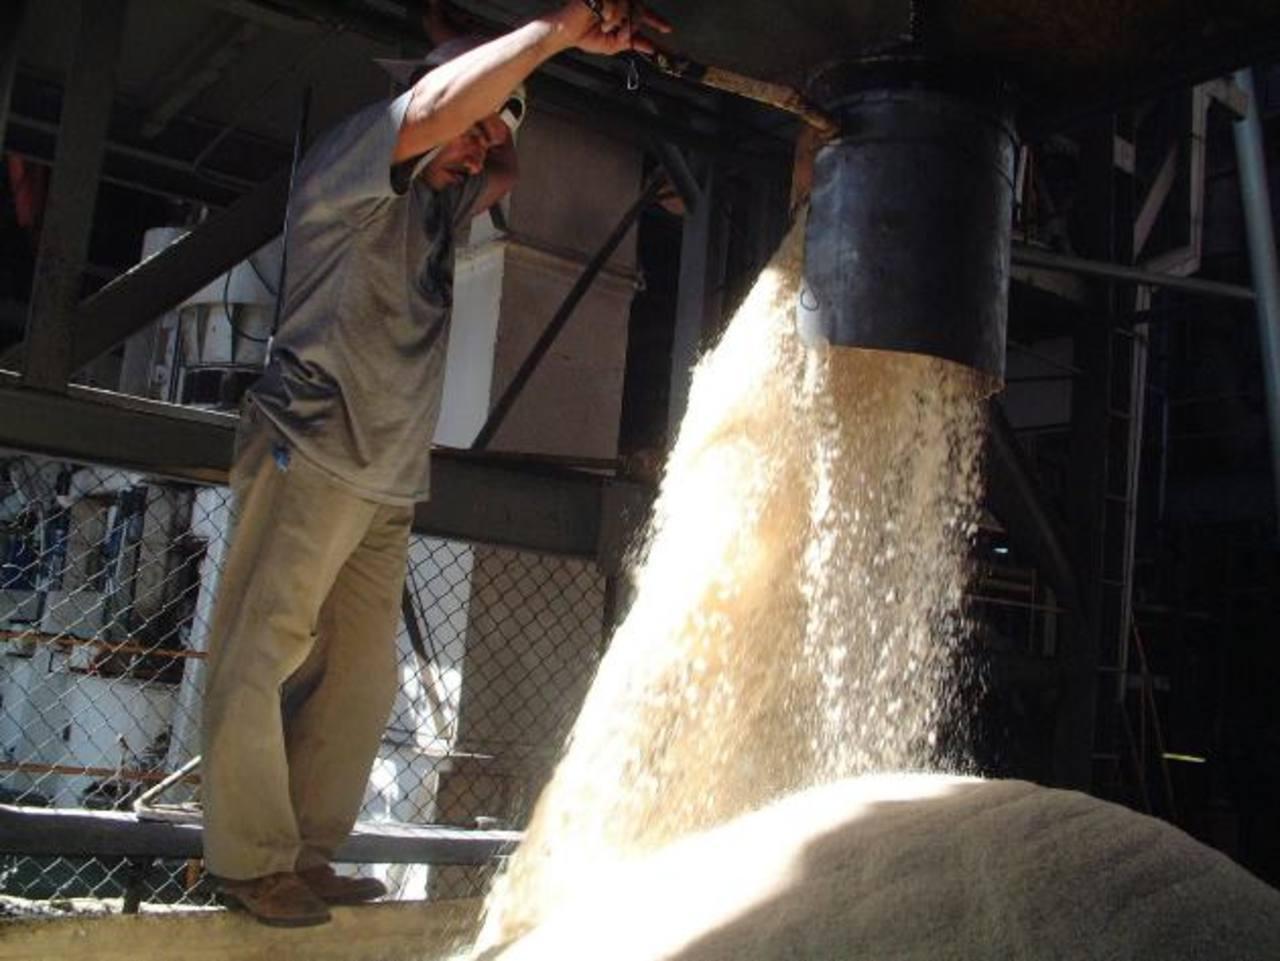 El representante de Consaa aseguró que el impacto de las últimas lluvias no afectará la producción azucarera durante la próxima zafra. foto edh / archivo